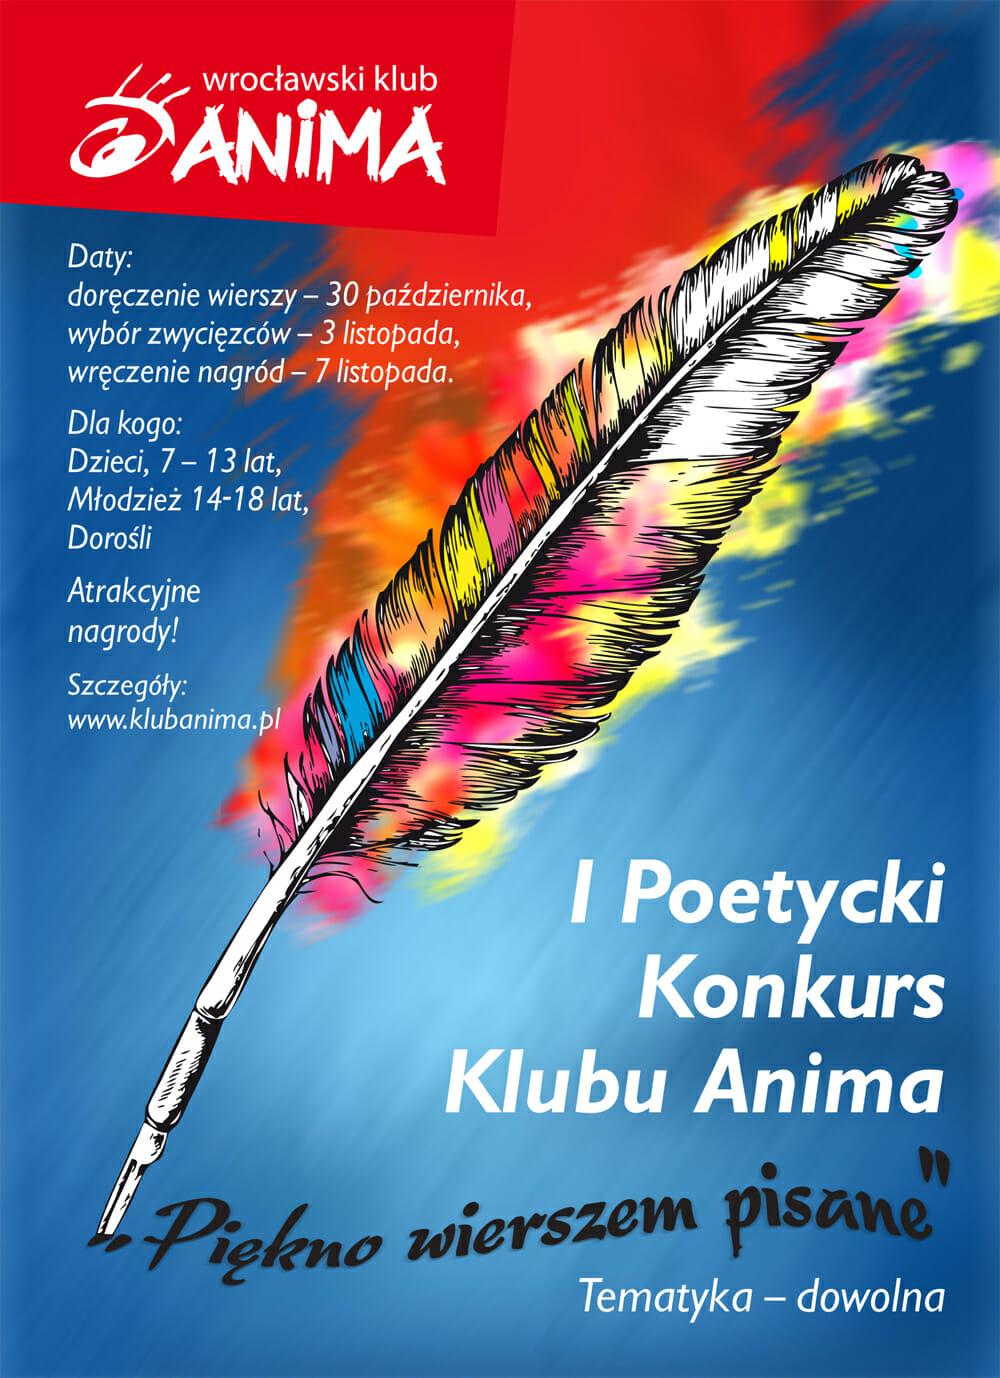 I Poetycki Konkurs Klubu Anima